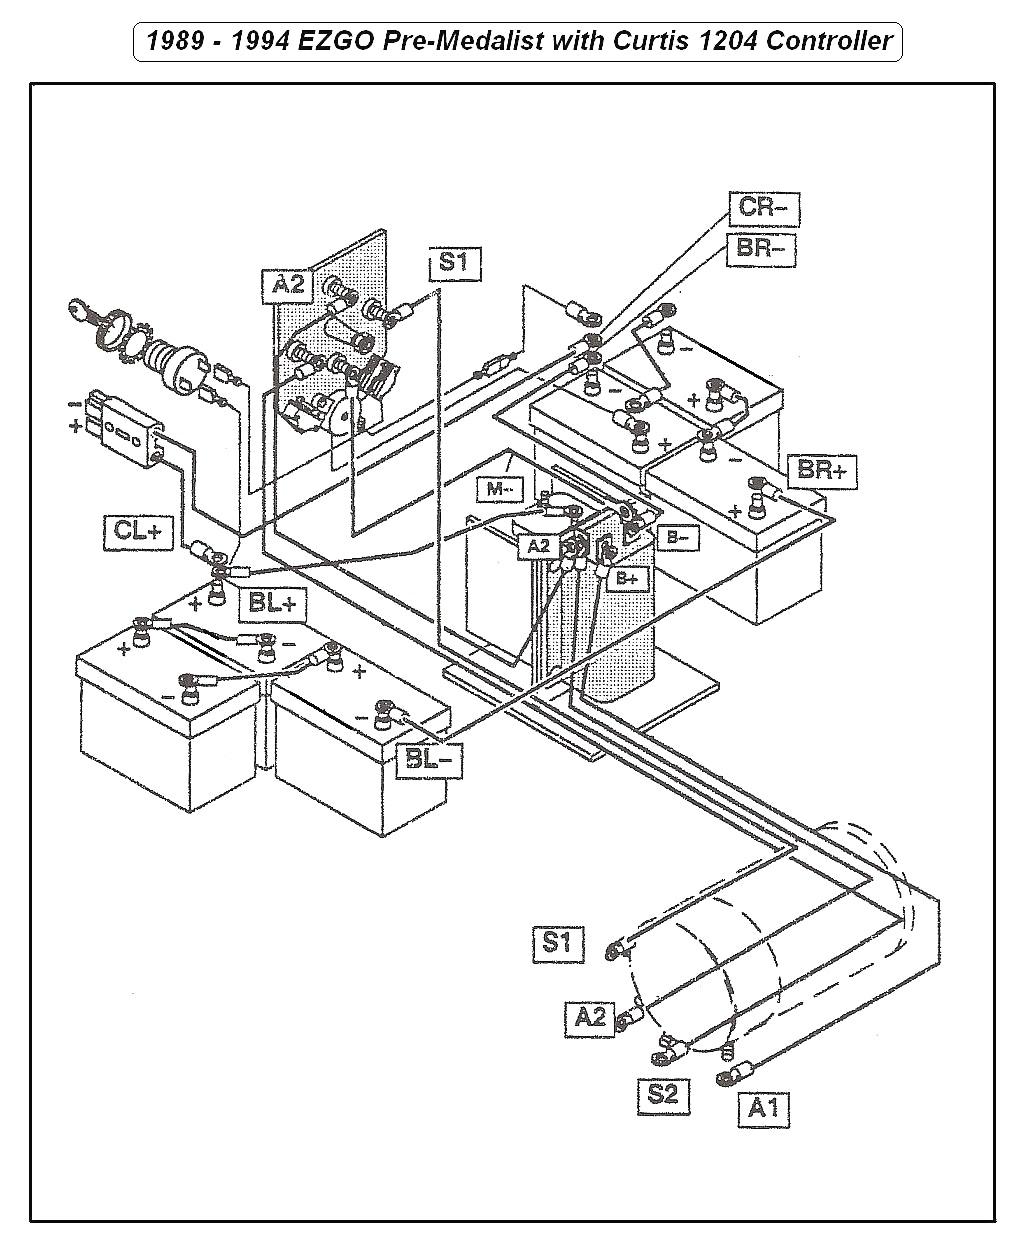 36 Volt Ezgo Golf Cart Wiring Diagram